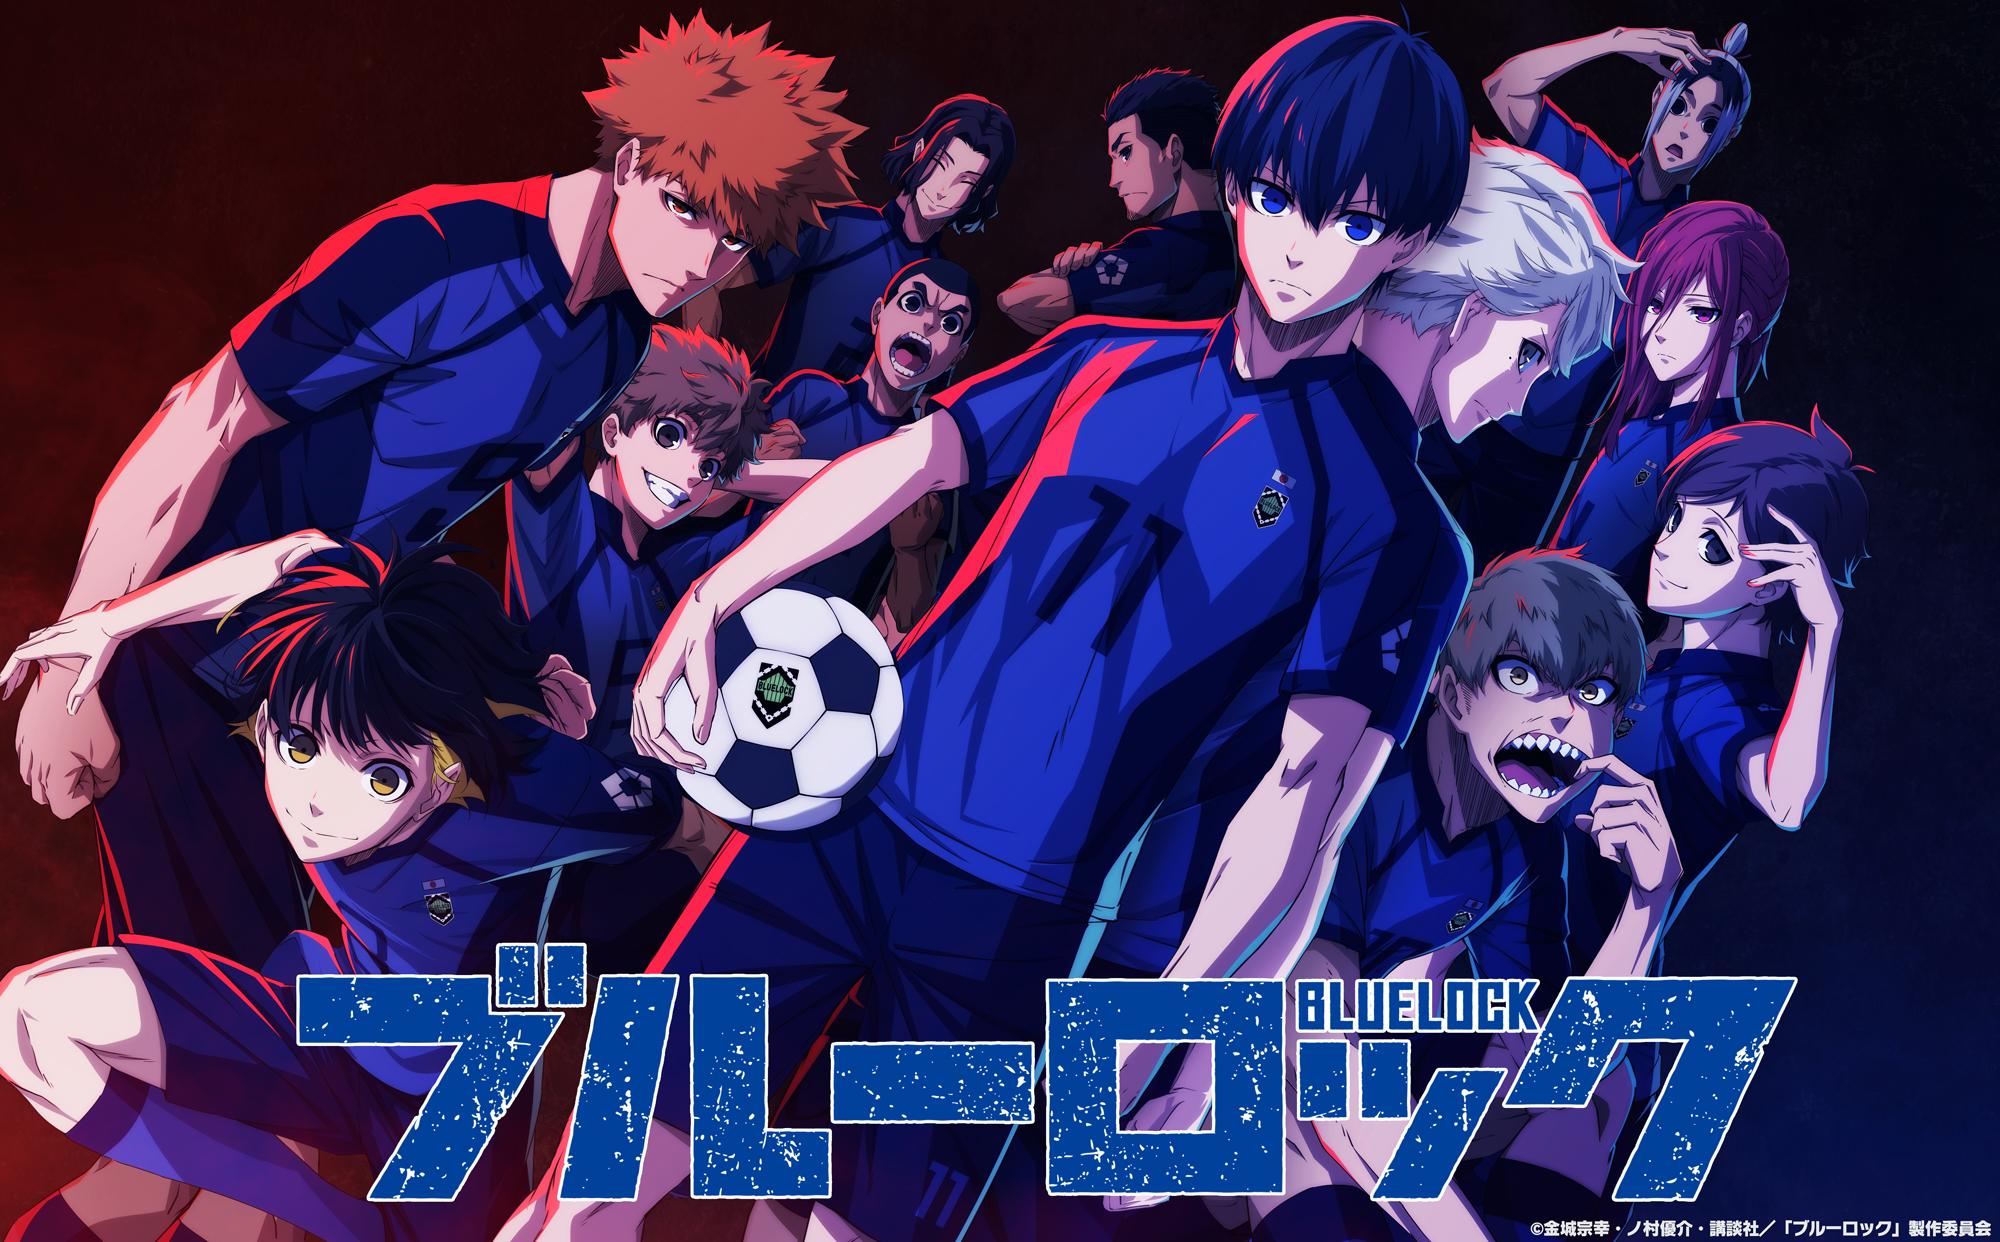 サッカー漫画「ブルーロック」TVアニメ化!高校生300人のFWが頂点を目指す